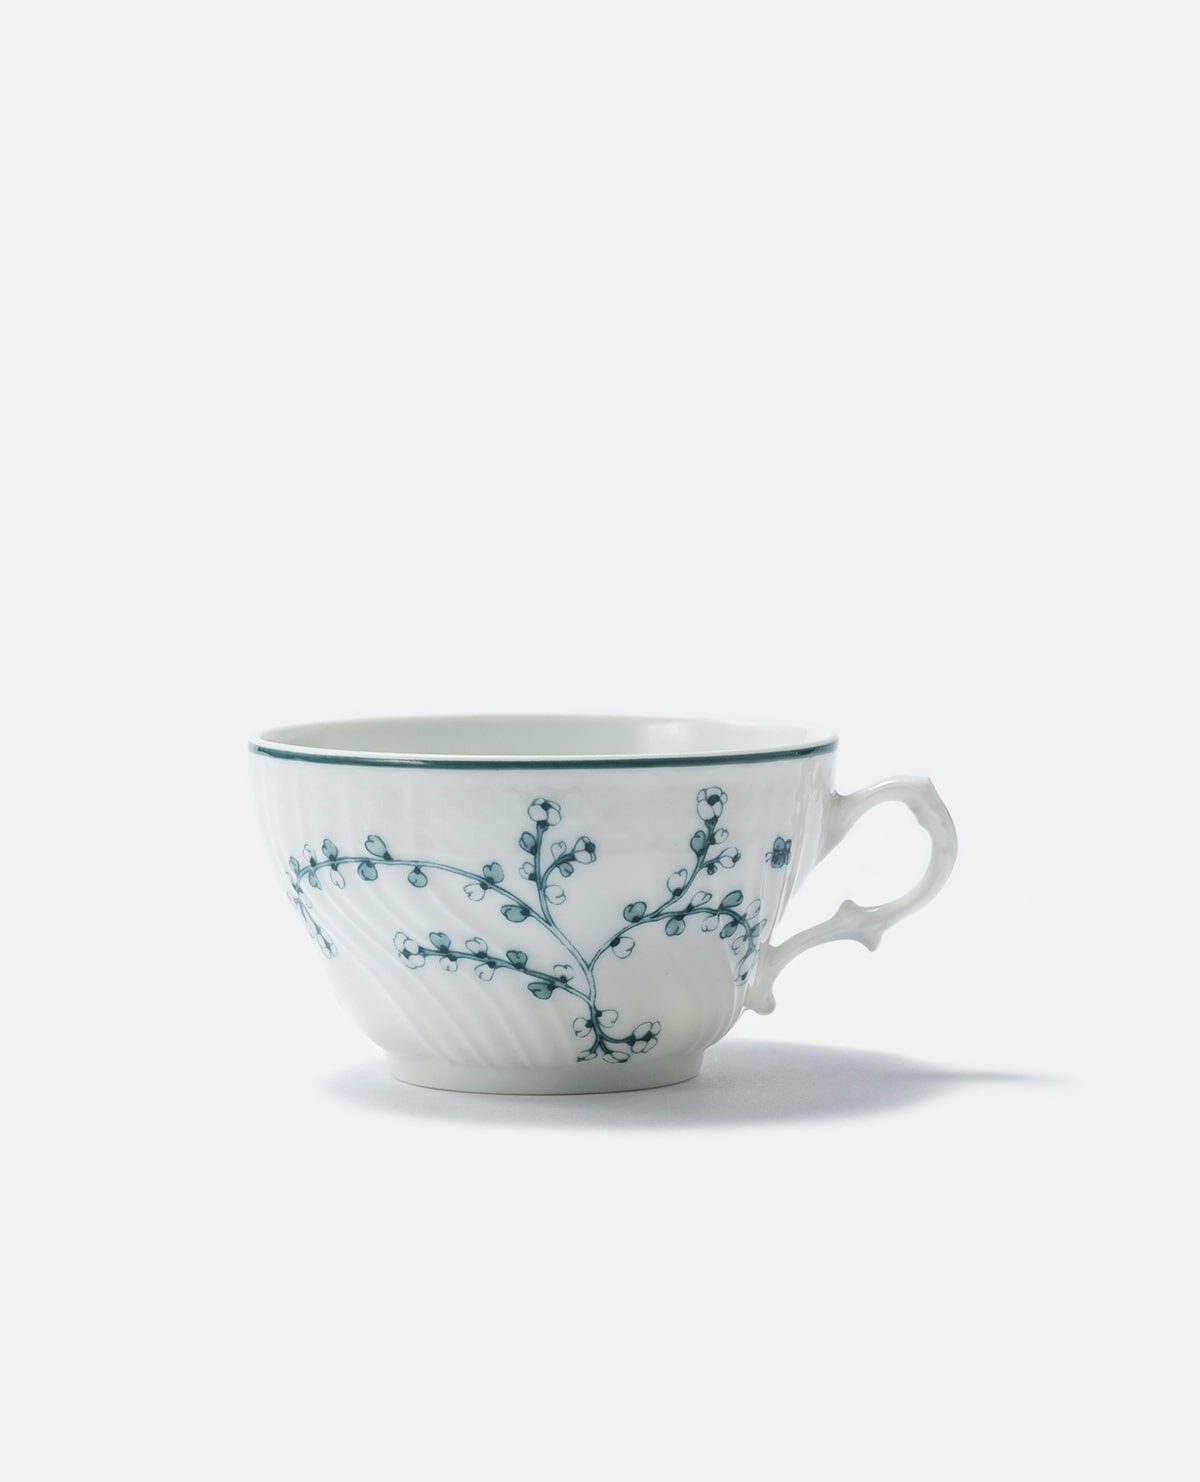 フロレンティア ティーカップ&ソーサー(リチャードジノリ ミナ ペルホネン)